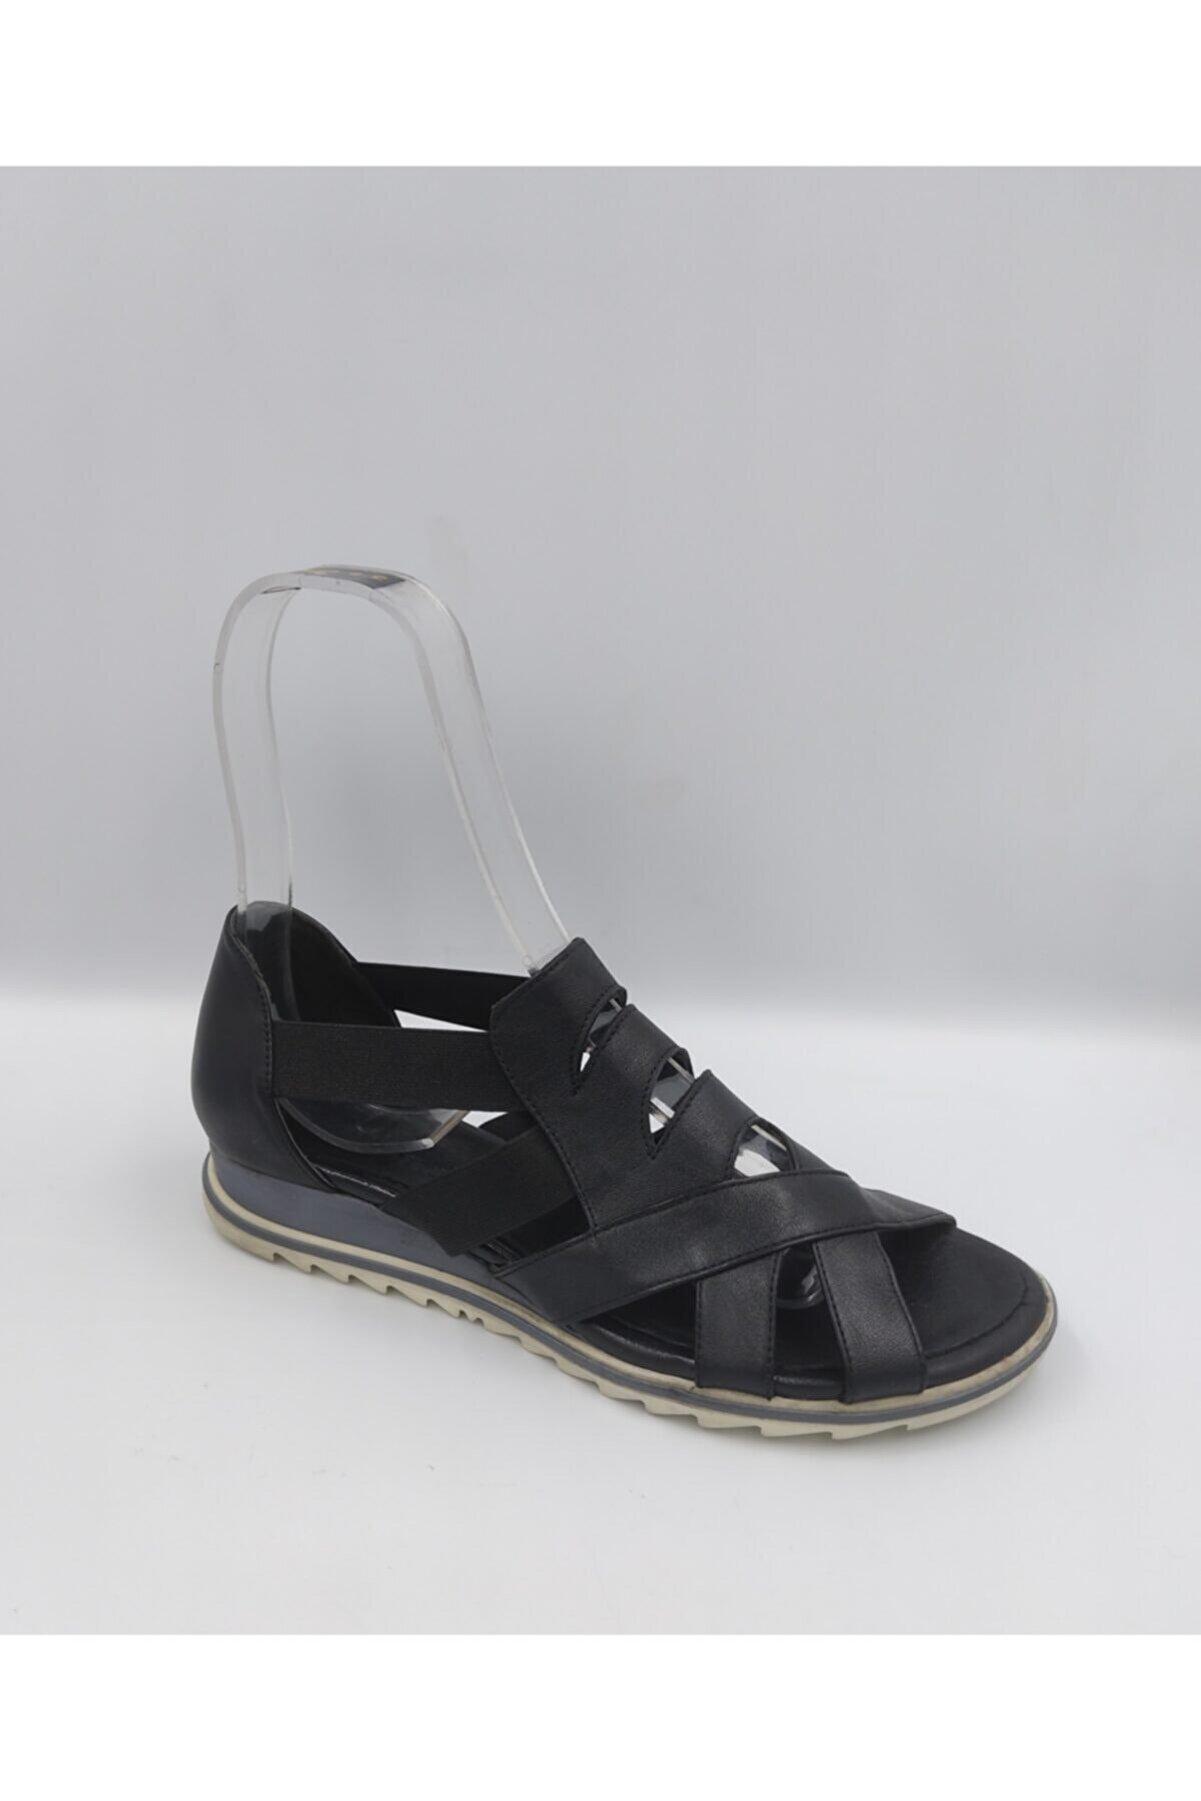 BEN AYAKKABI Kadın Hakiki Deri Siyah Sandalet